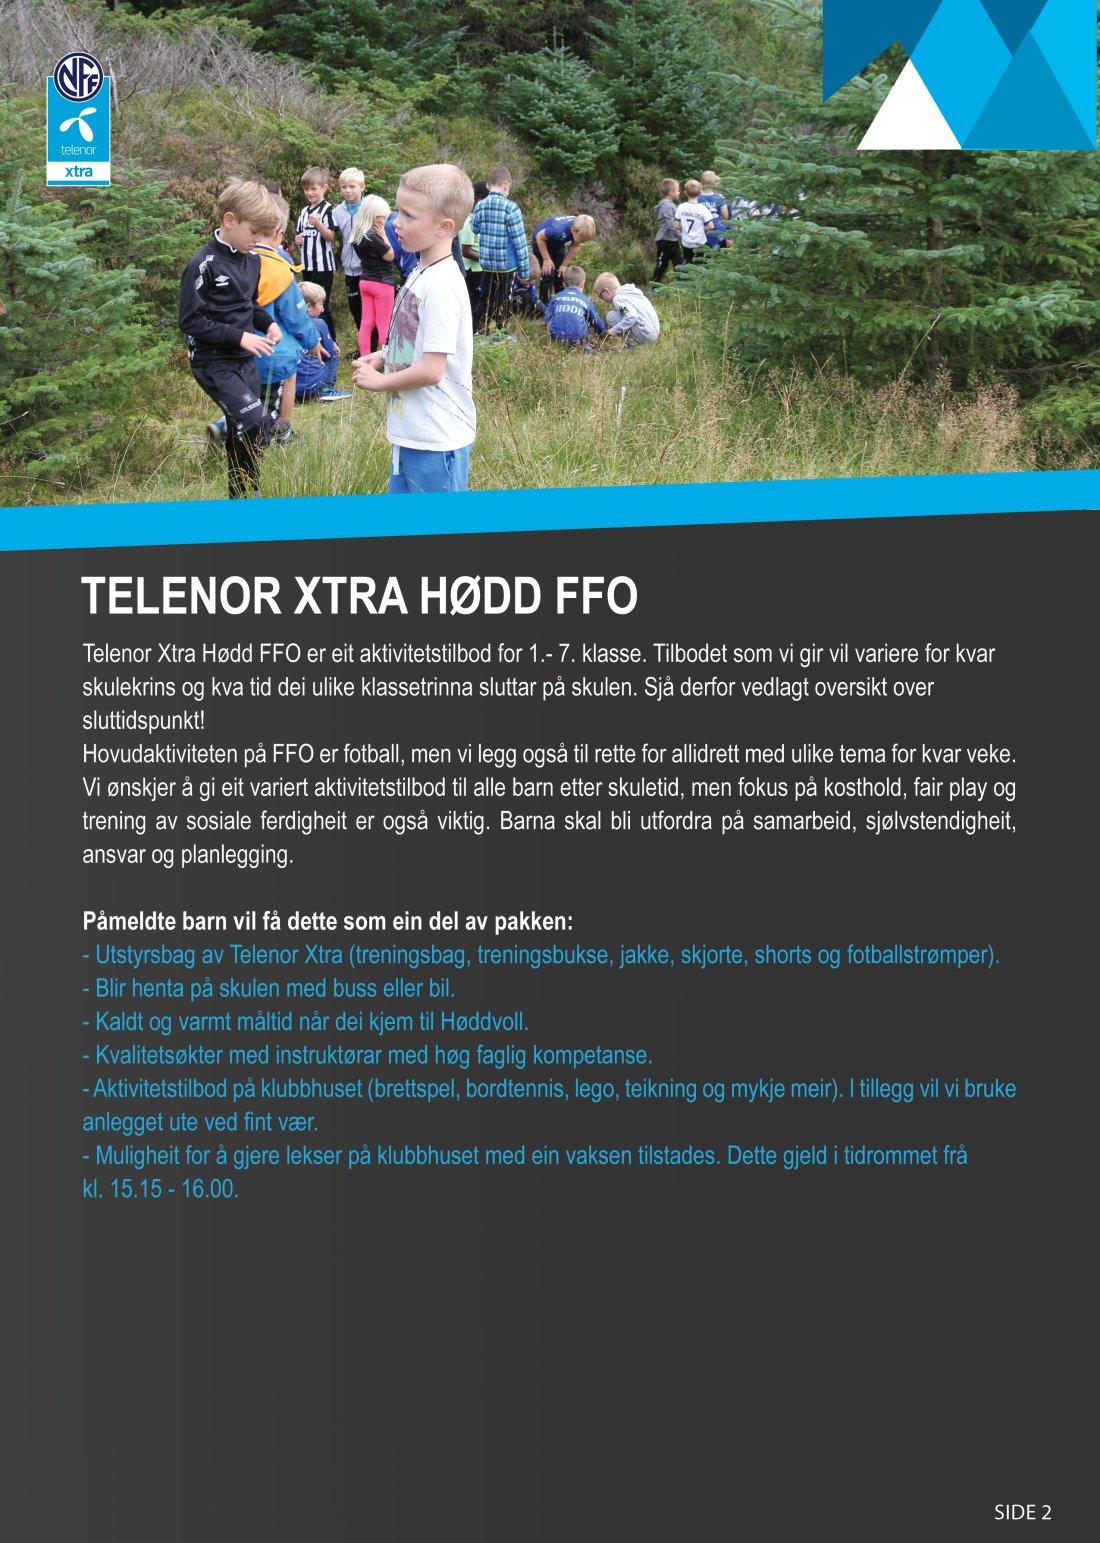 Telenor_Xtra_Hødd_SIDE2